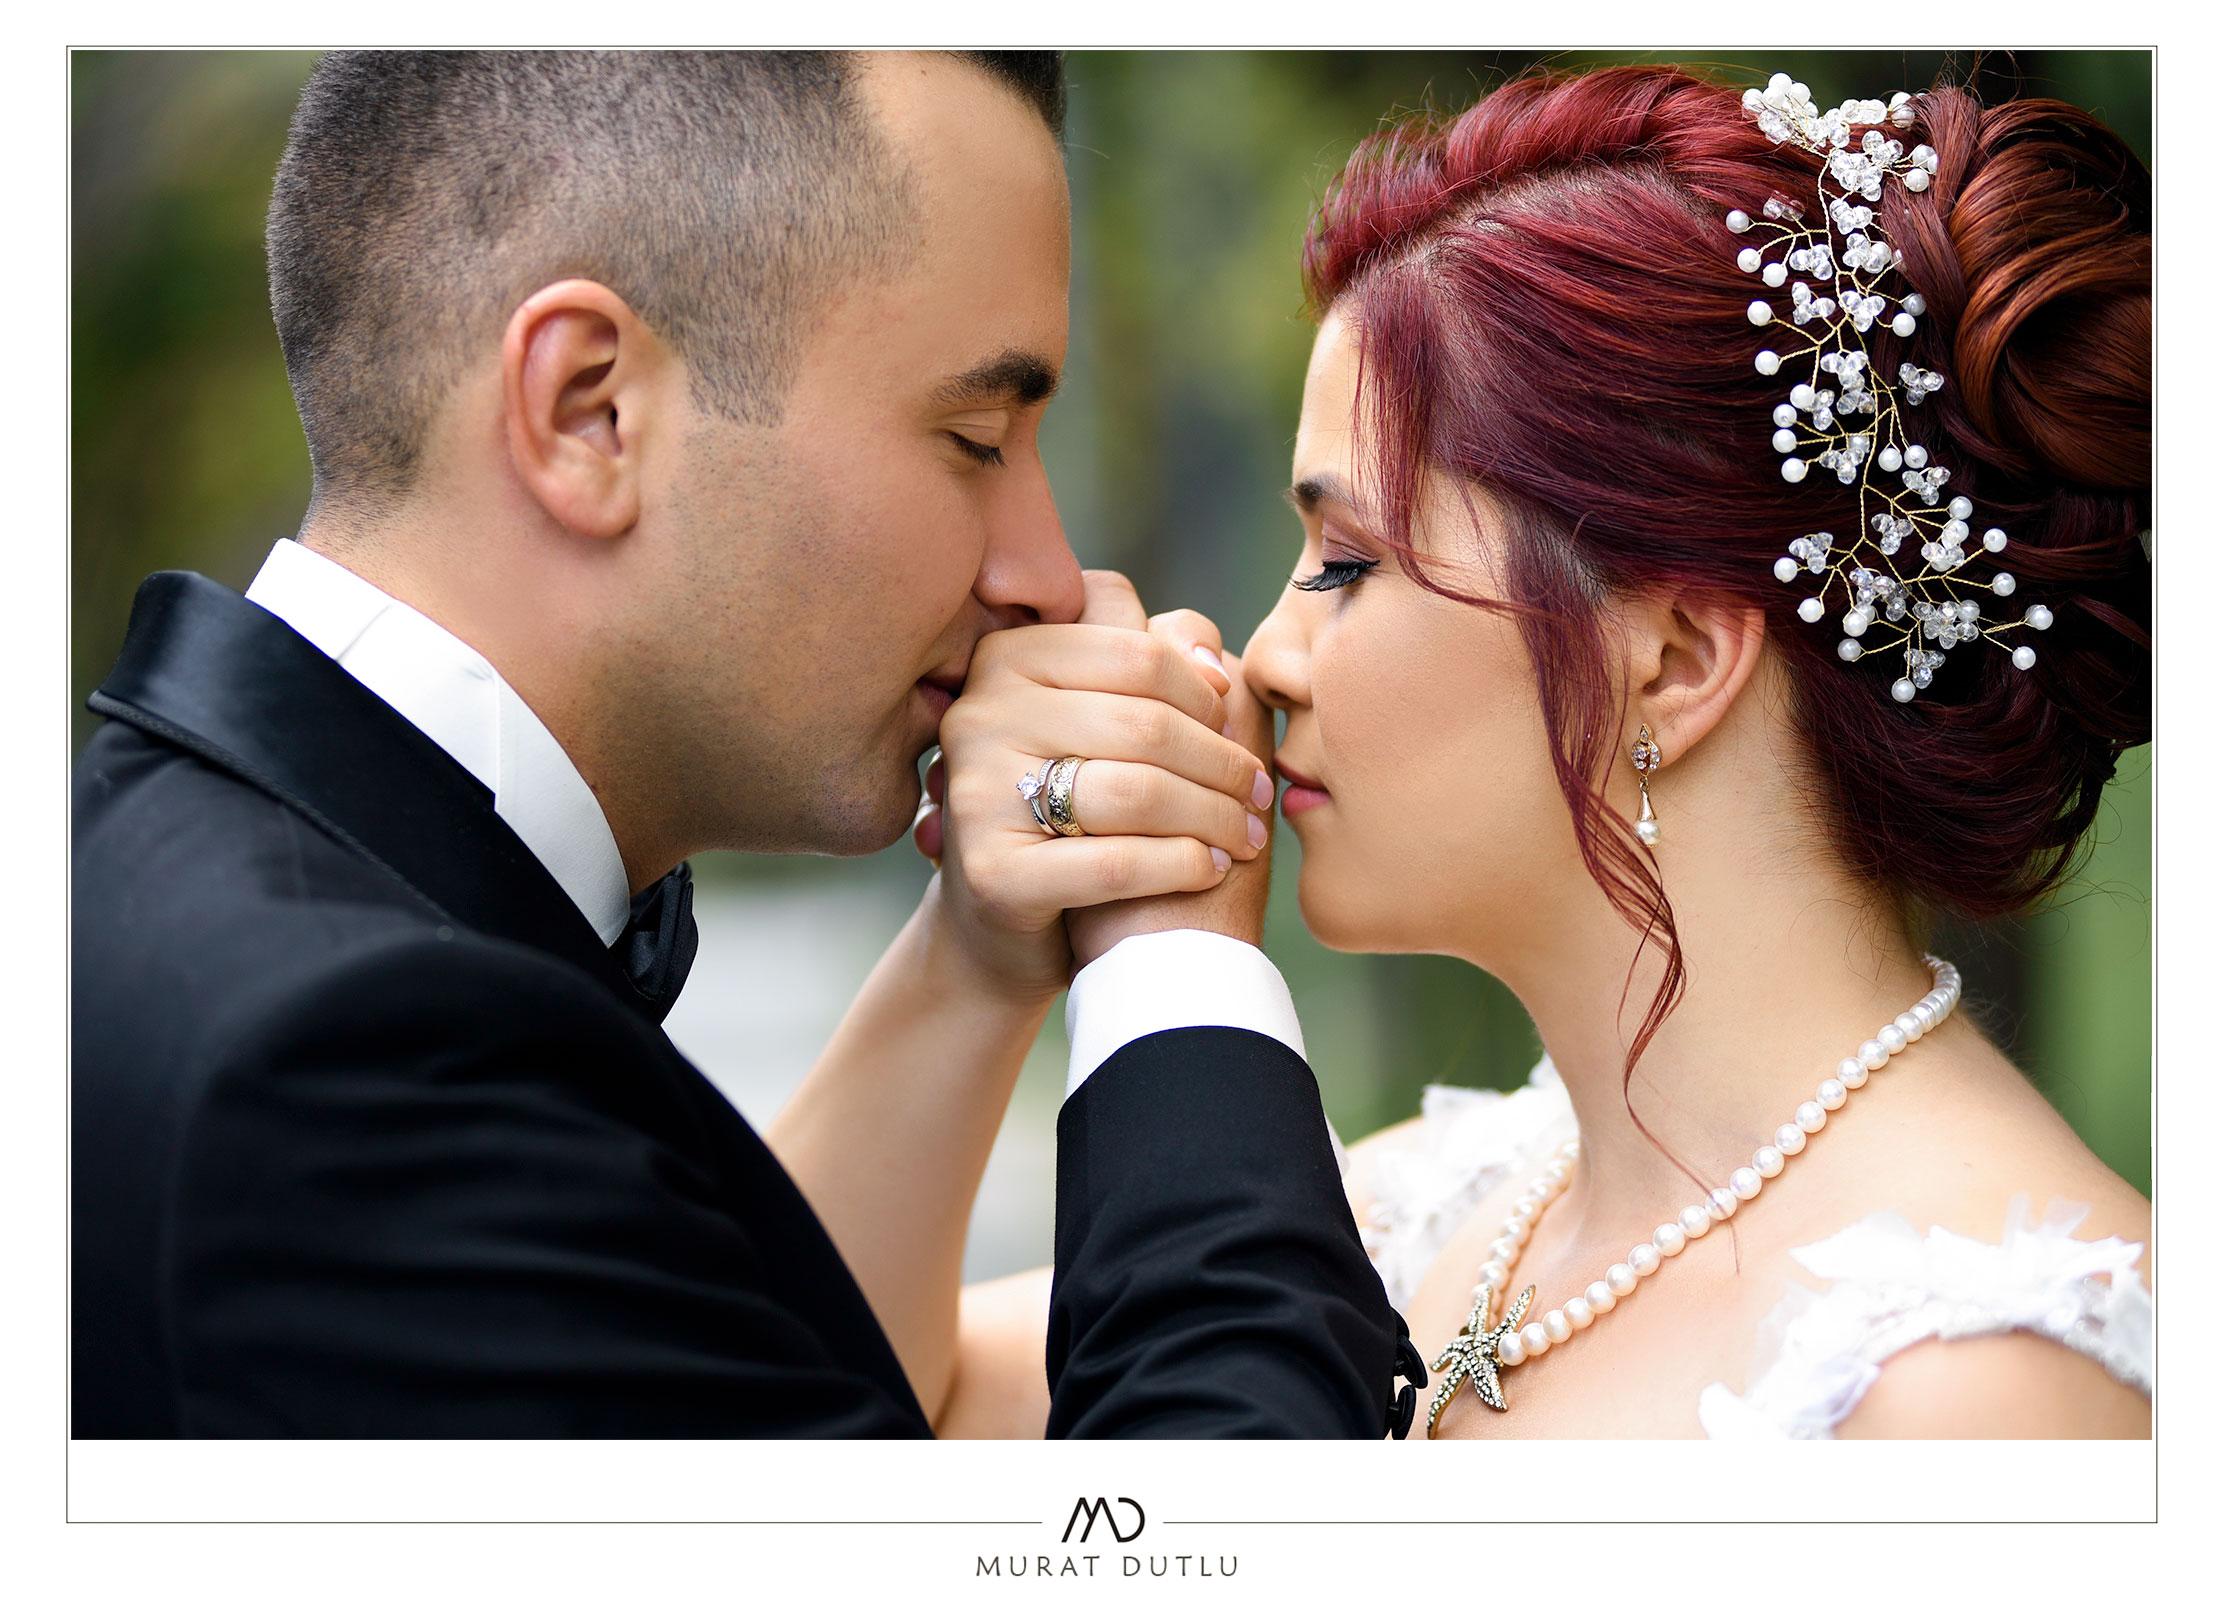 İzmir düğün fotoğrafçısı- Murat Dutlu